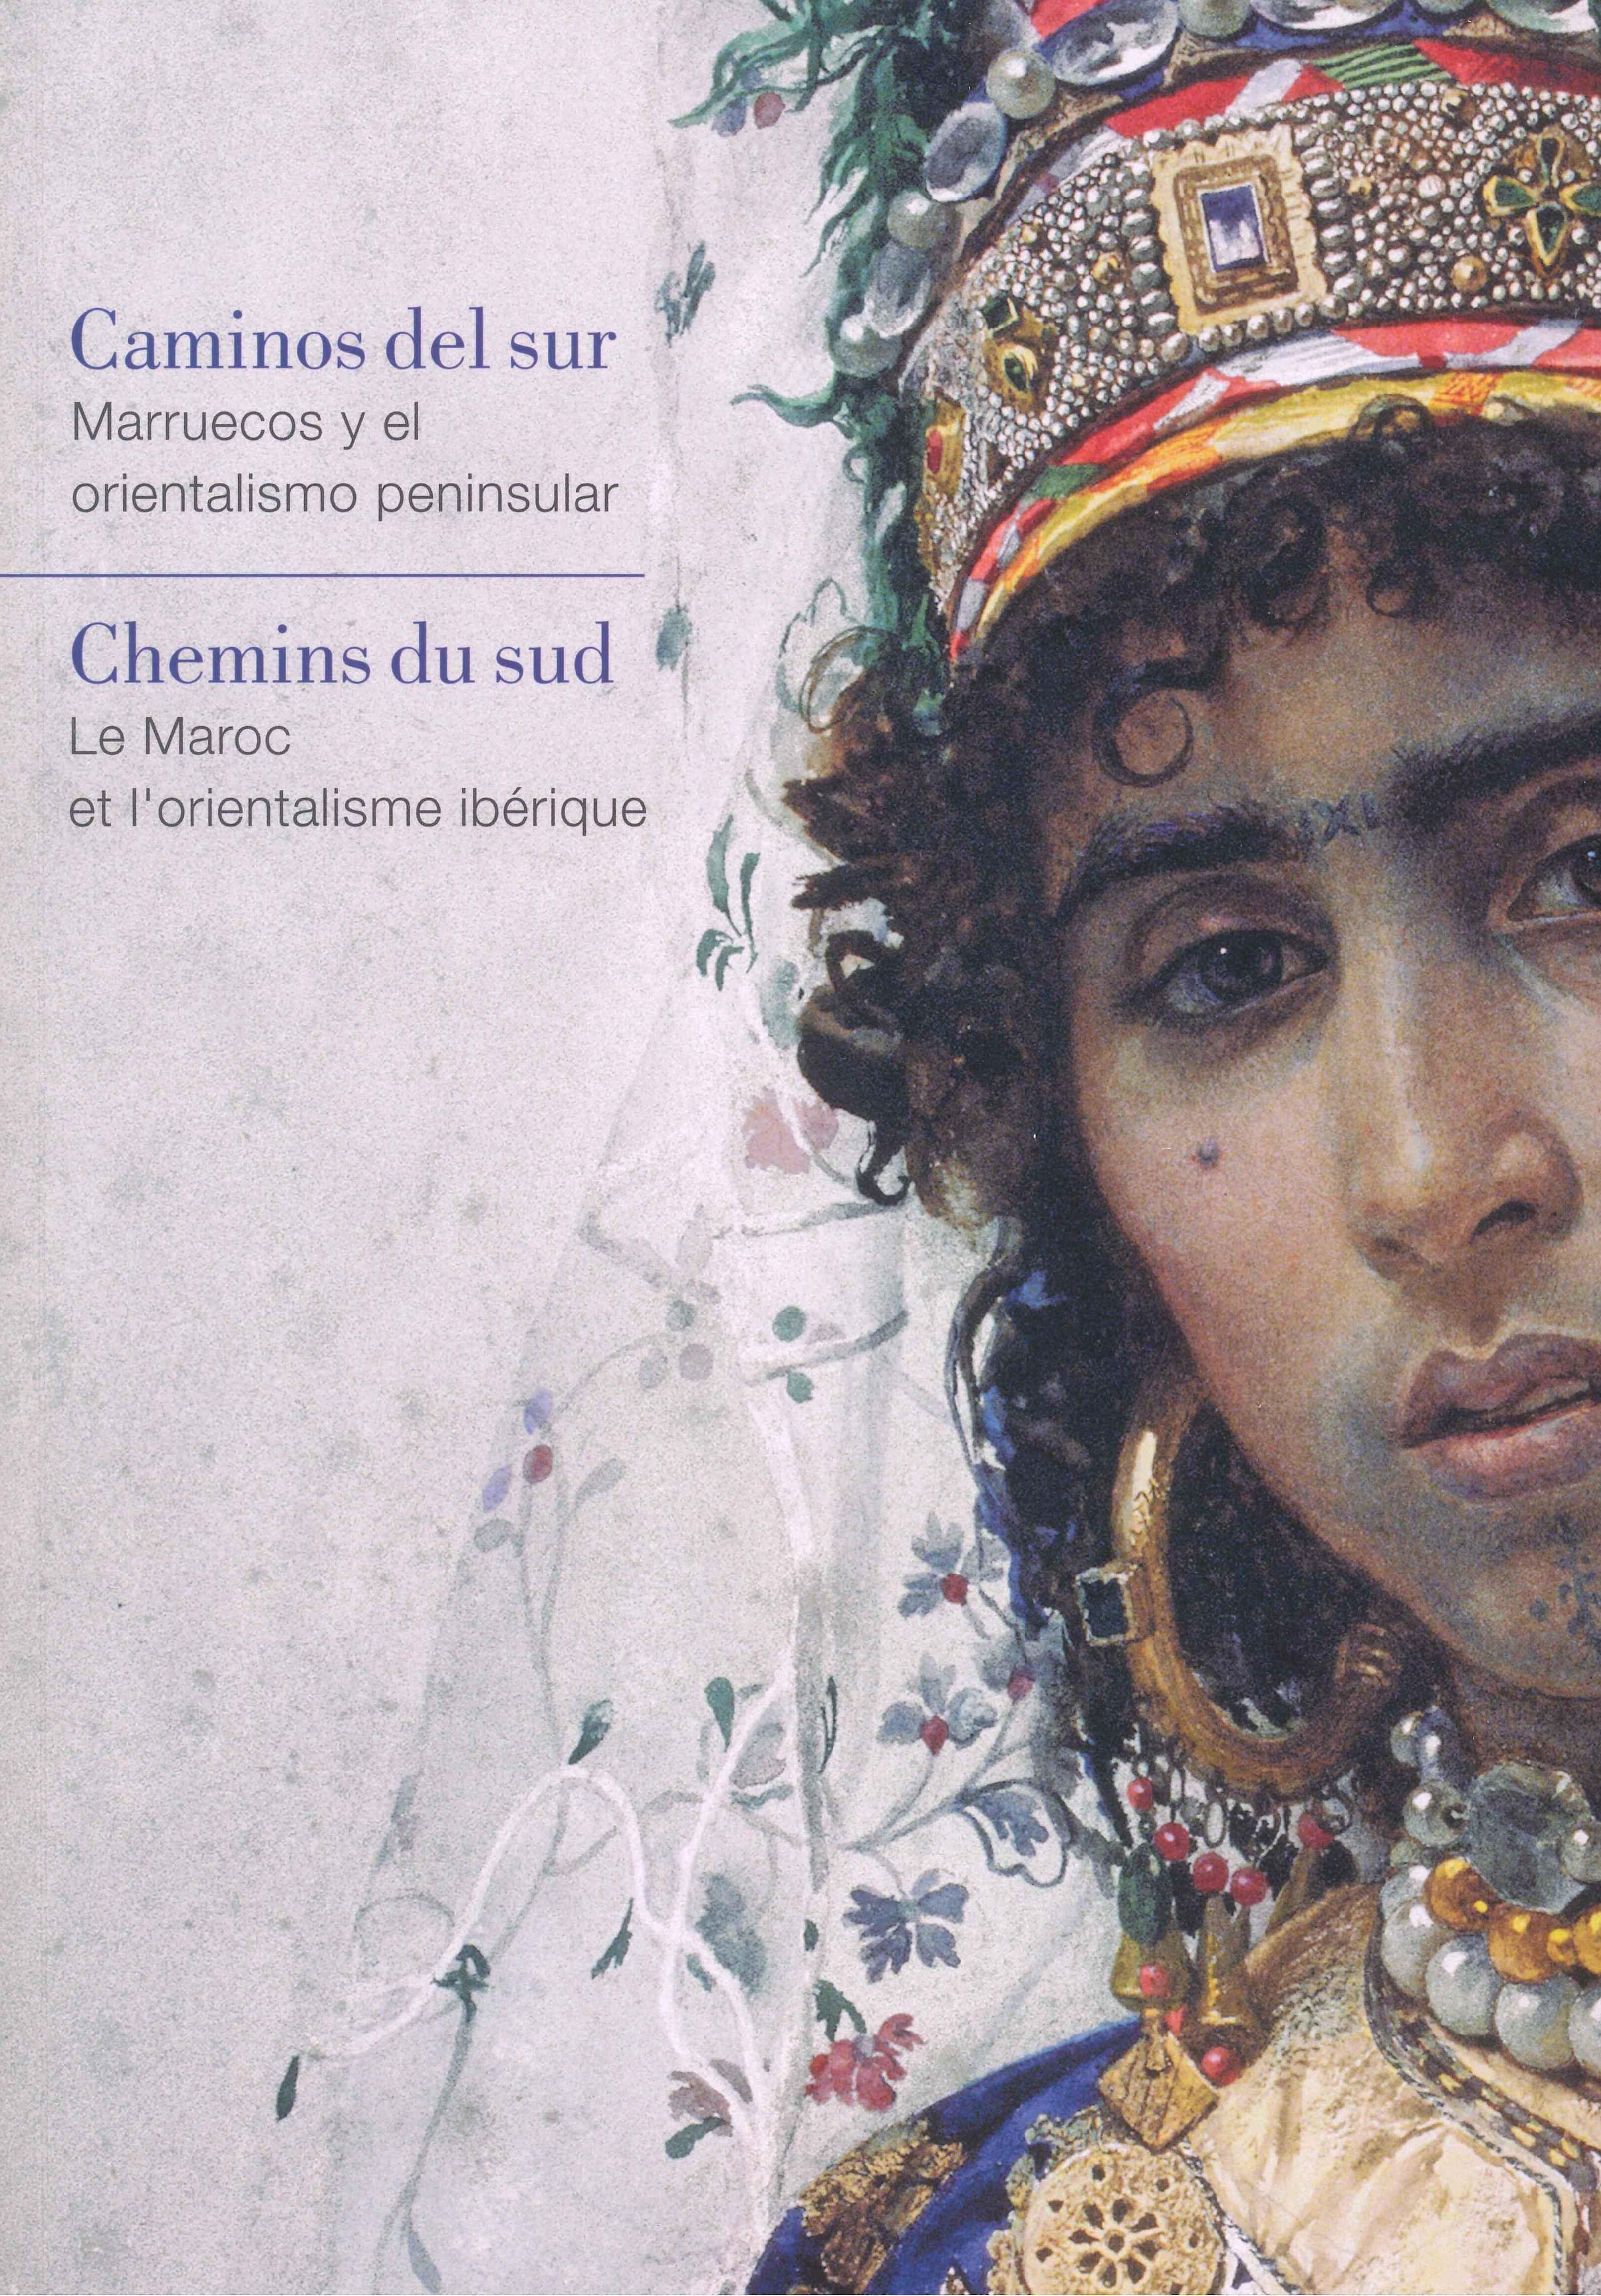 Caminos del sur: Marruecos y el orientalismo peninsular